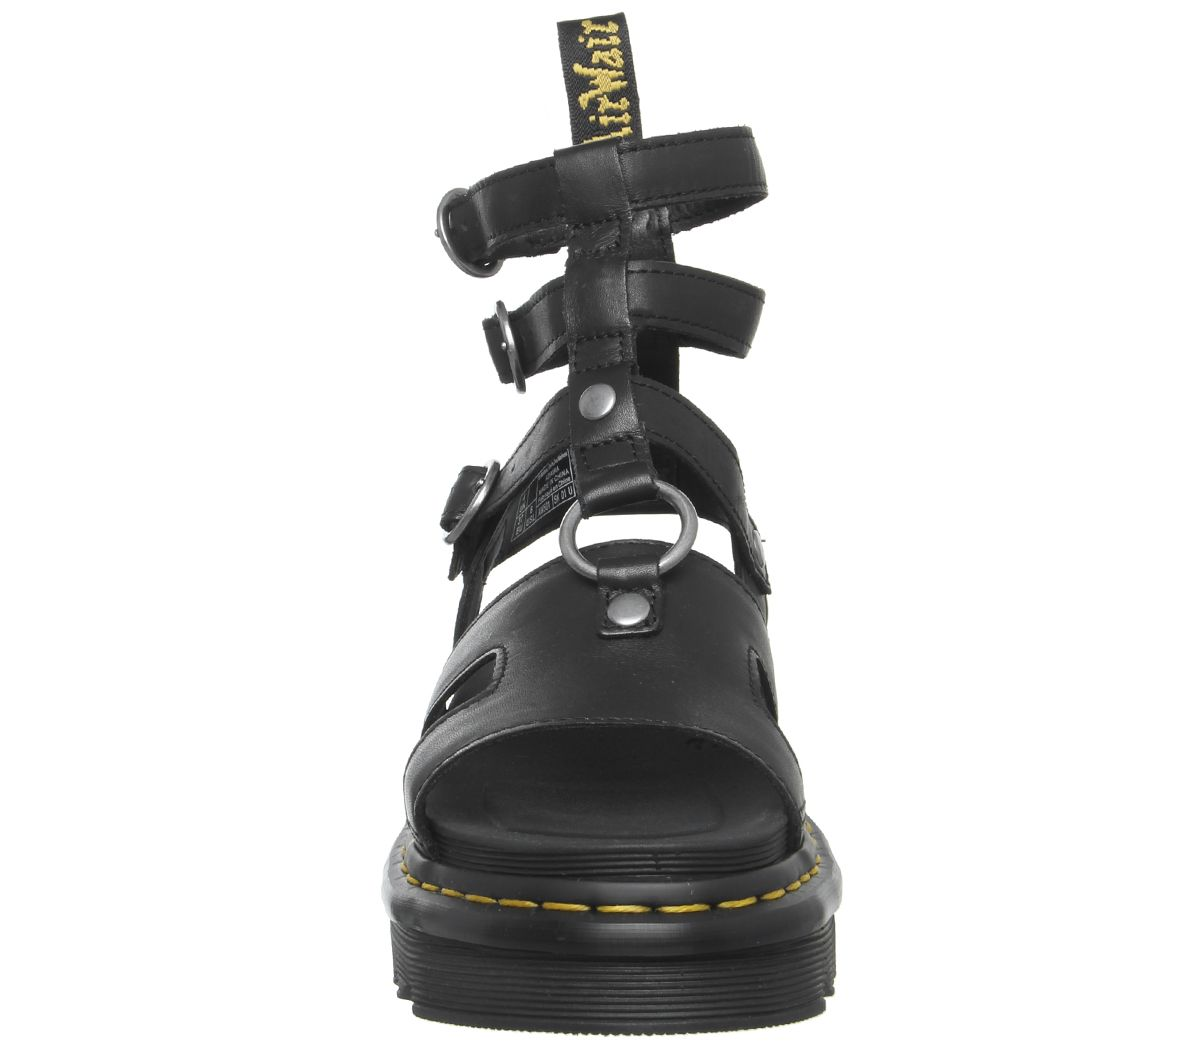 b076360f8e2 Adaira Sandals